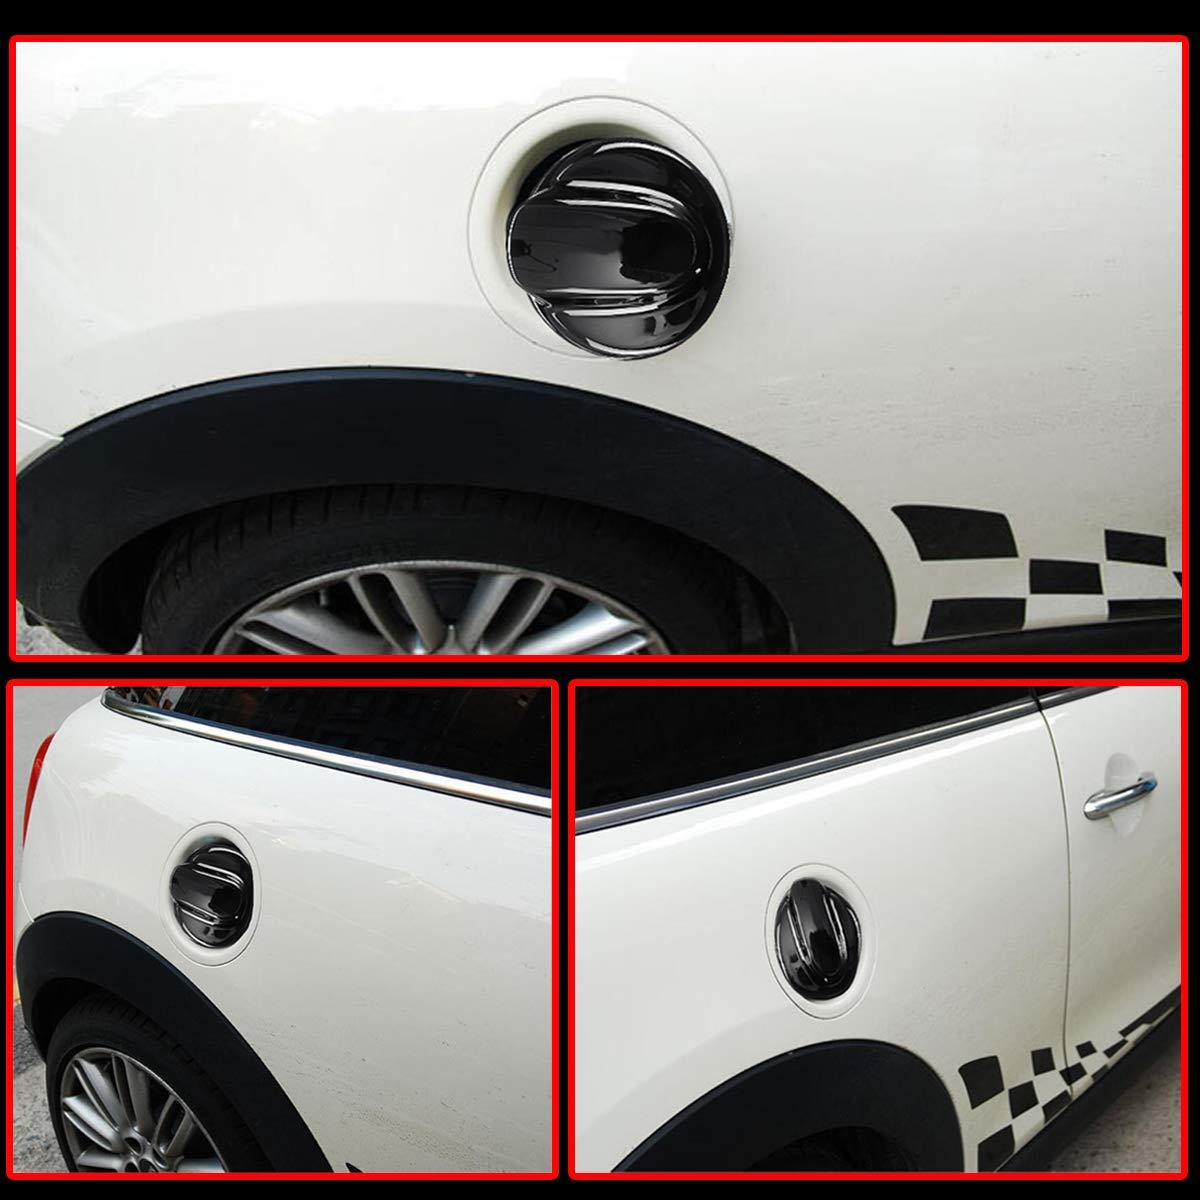 JenNiFer Coperchio Tappo Benzina Nero Lucido per BMW Mini Gen 2 R56 Cooper S Jcw 2006-2013 Nero Lucido